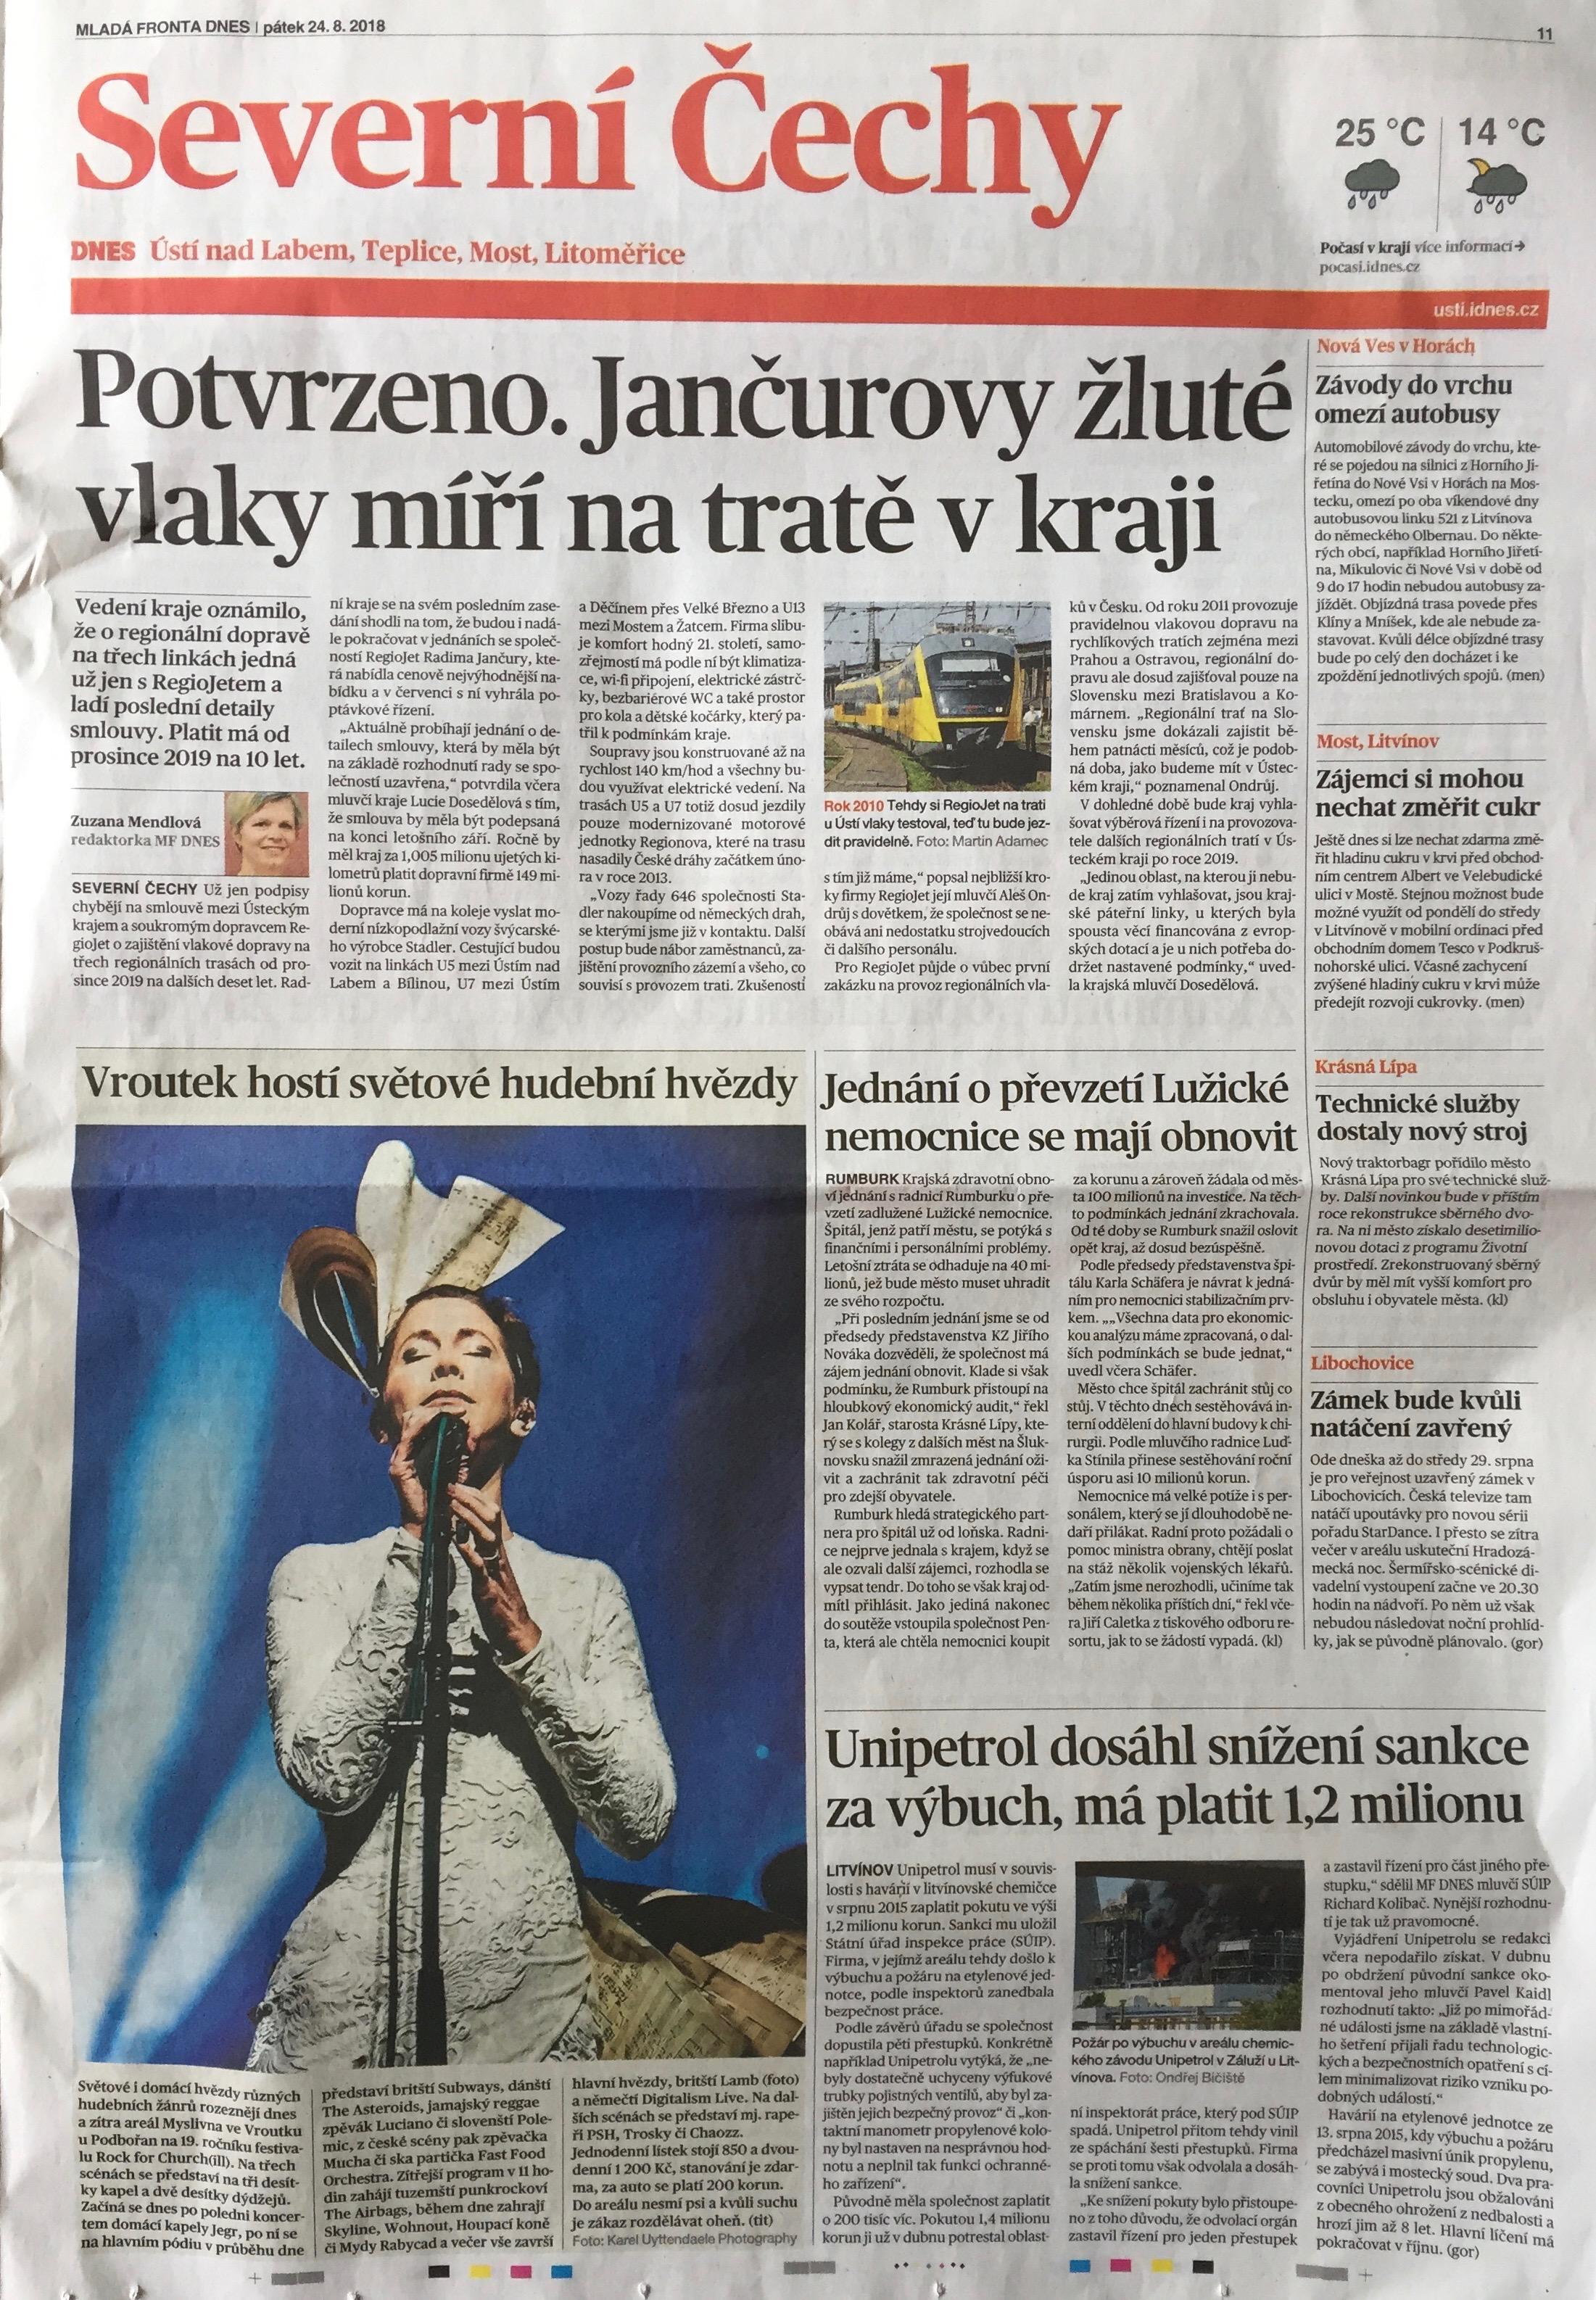 Lamb in MF DNES Severni Cechy (newspaper in Czech Republic)